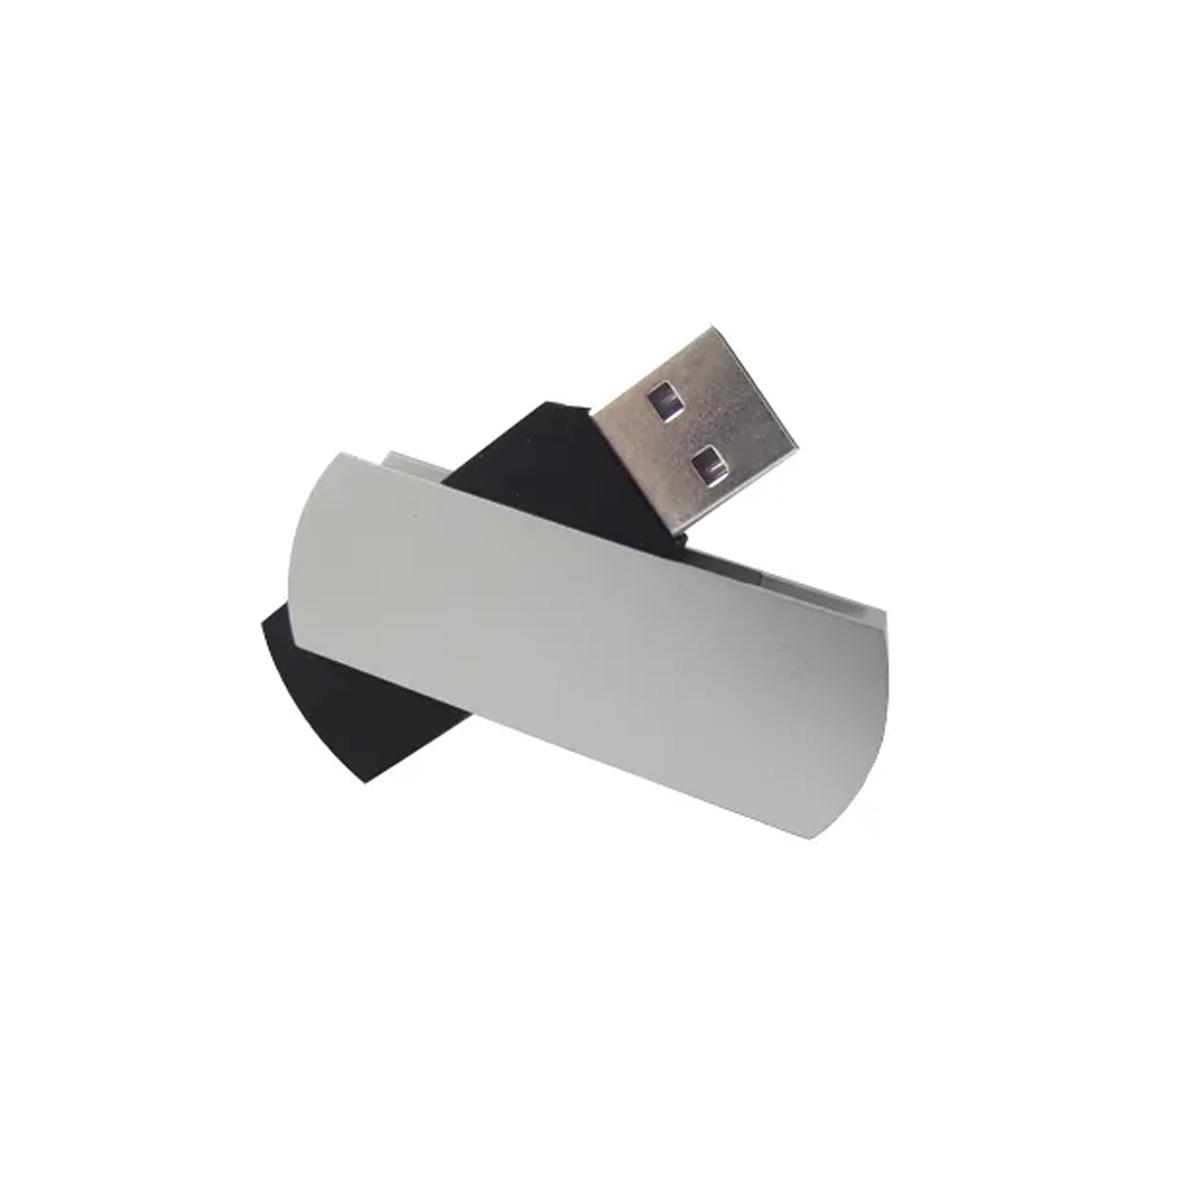 Pendrive Giratório Preto e Prata de 64 GB USB 2.0